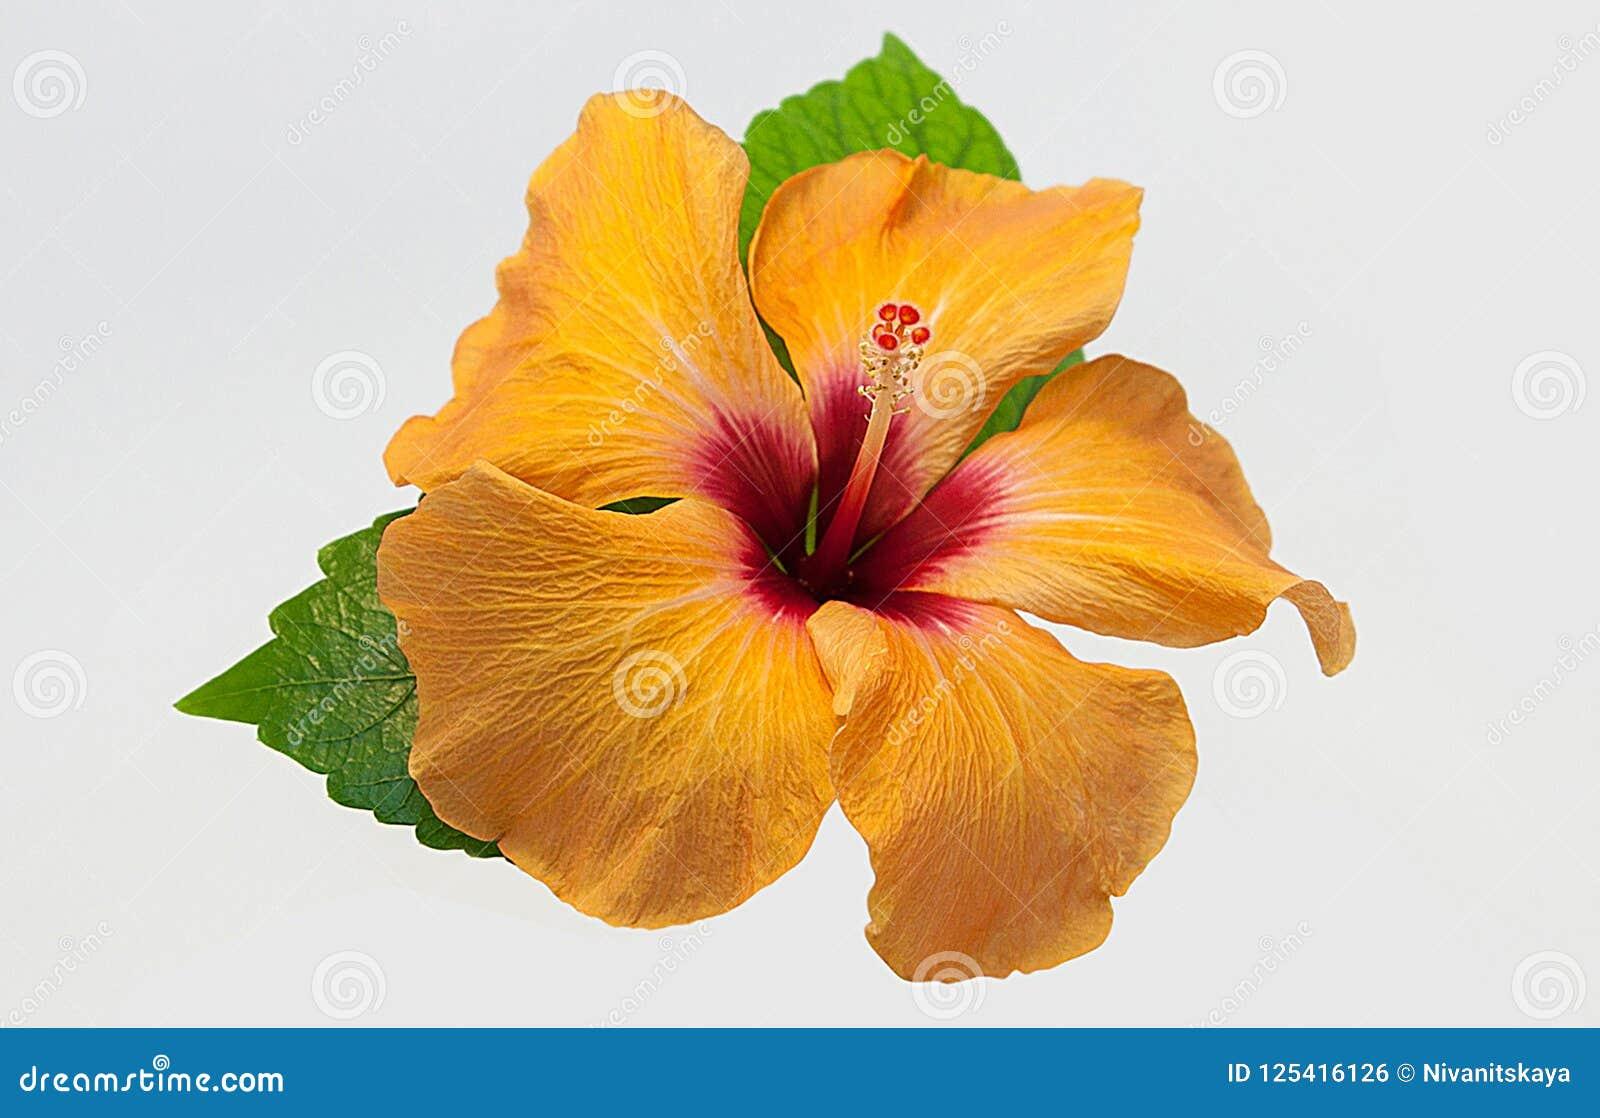 Yellow Orange Hibiscus Flower Isolated On White Background Orange